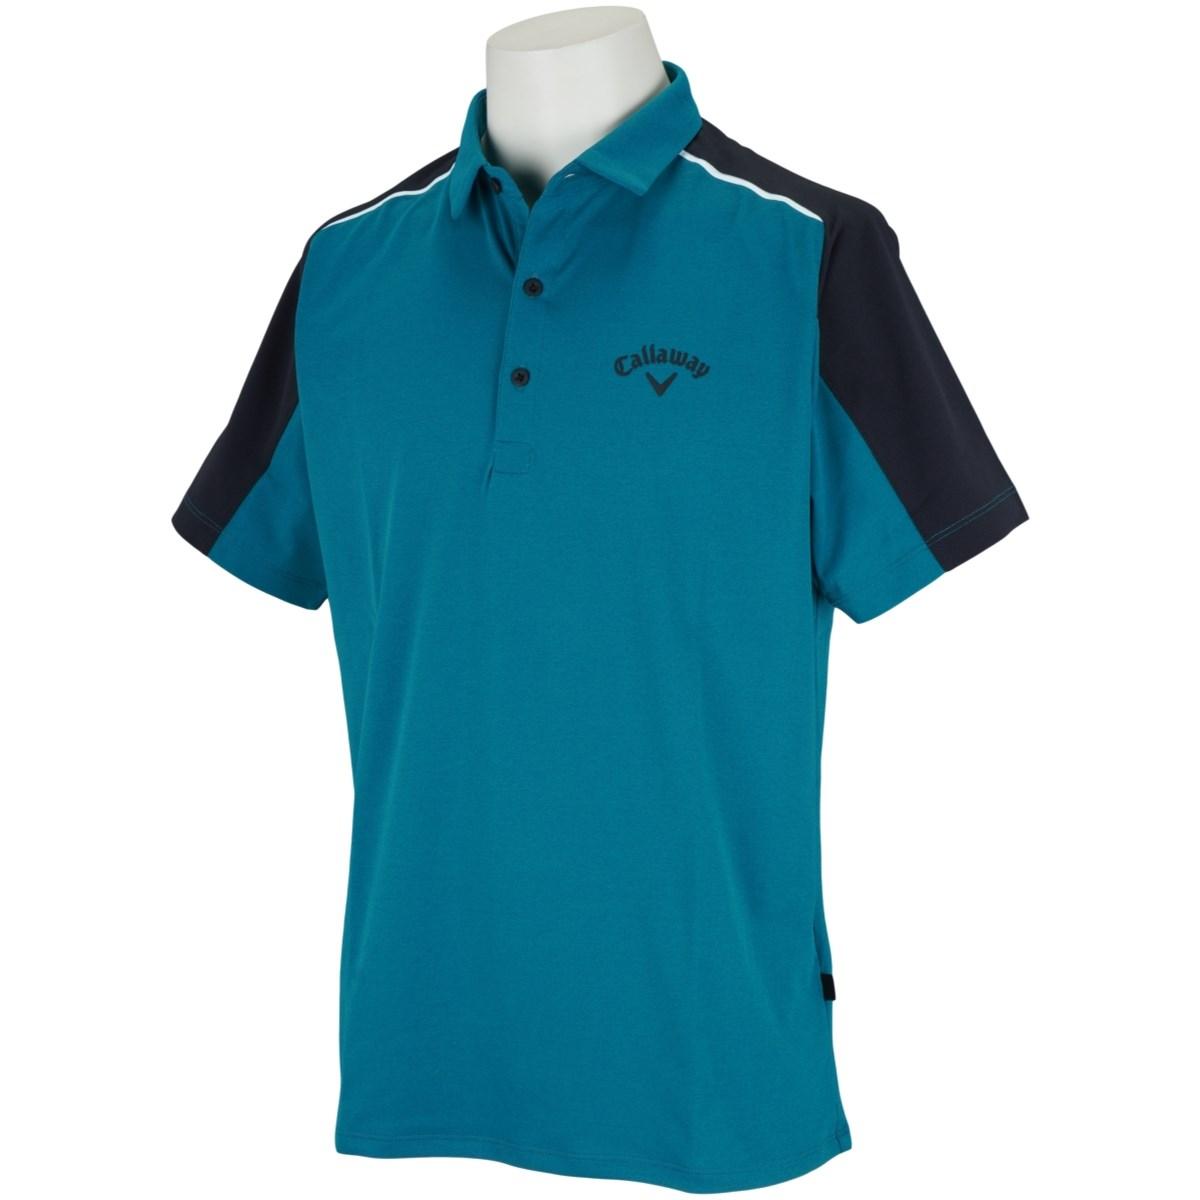 キャロウェイゴルフ Callaway Golf 半袖ポロシャツ LL グリーン 140